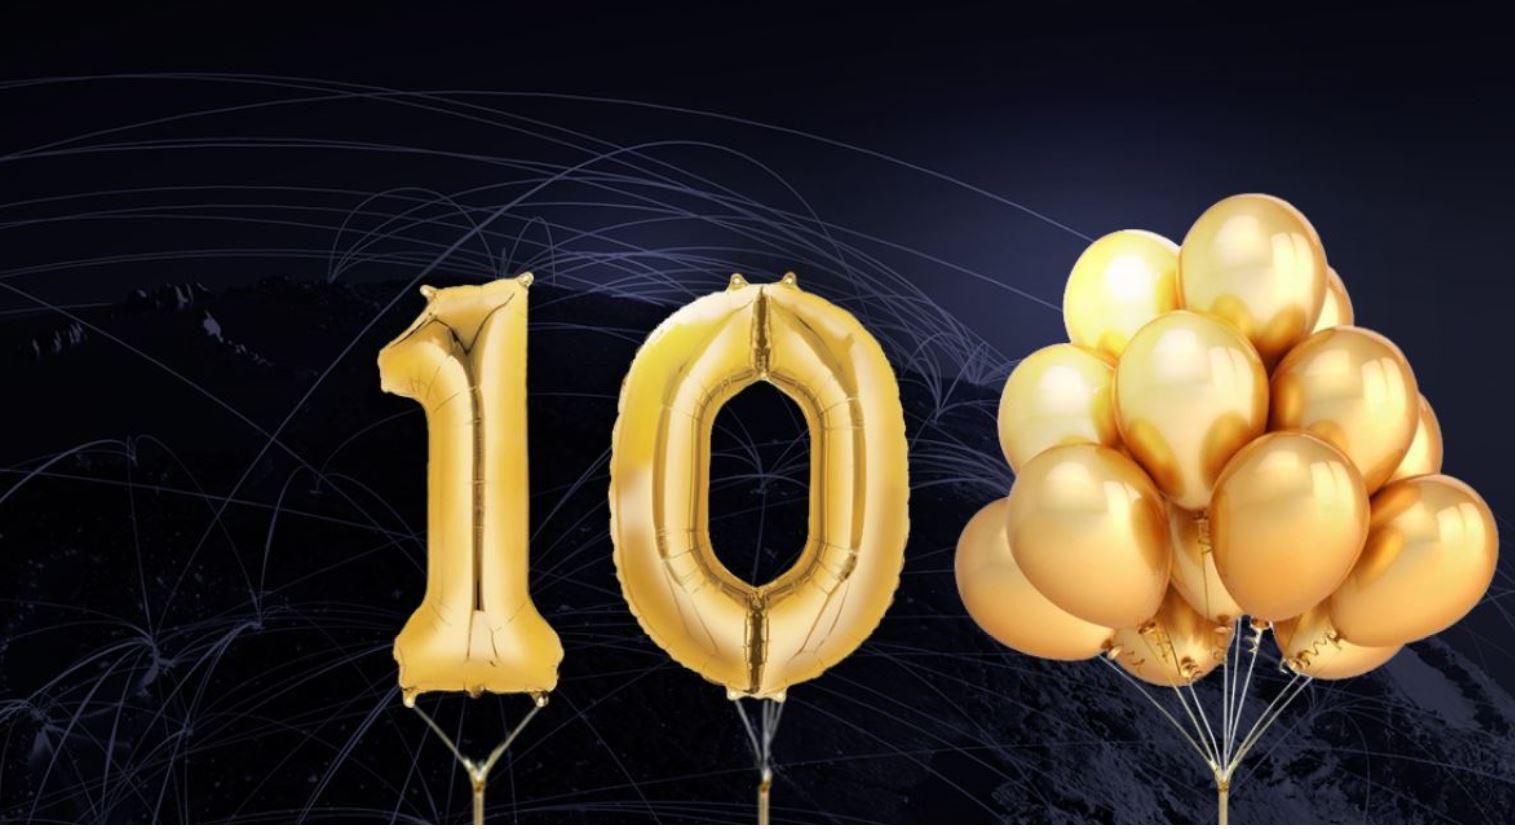 10 years of EMBIQ!